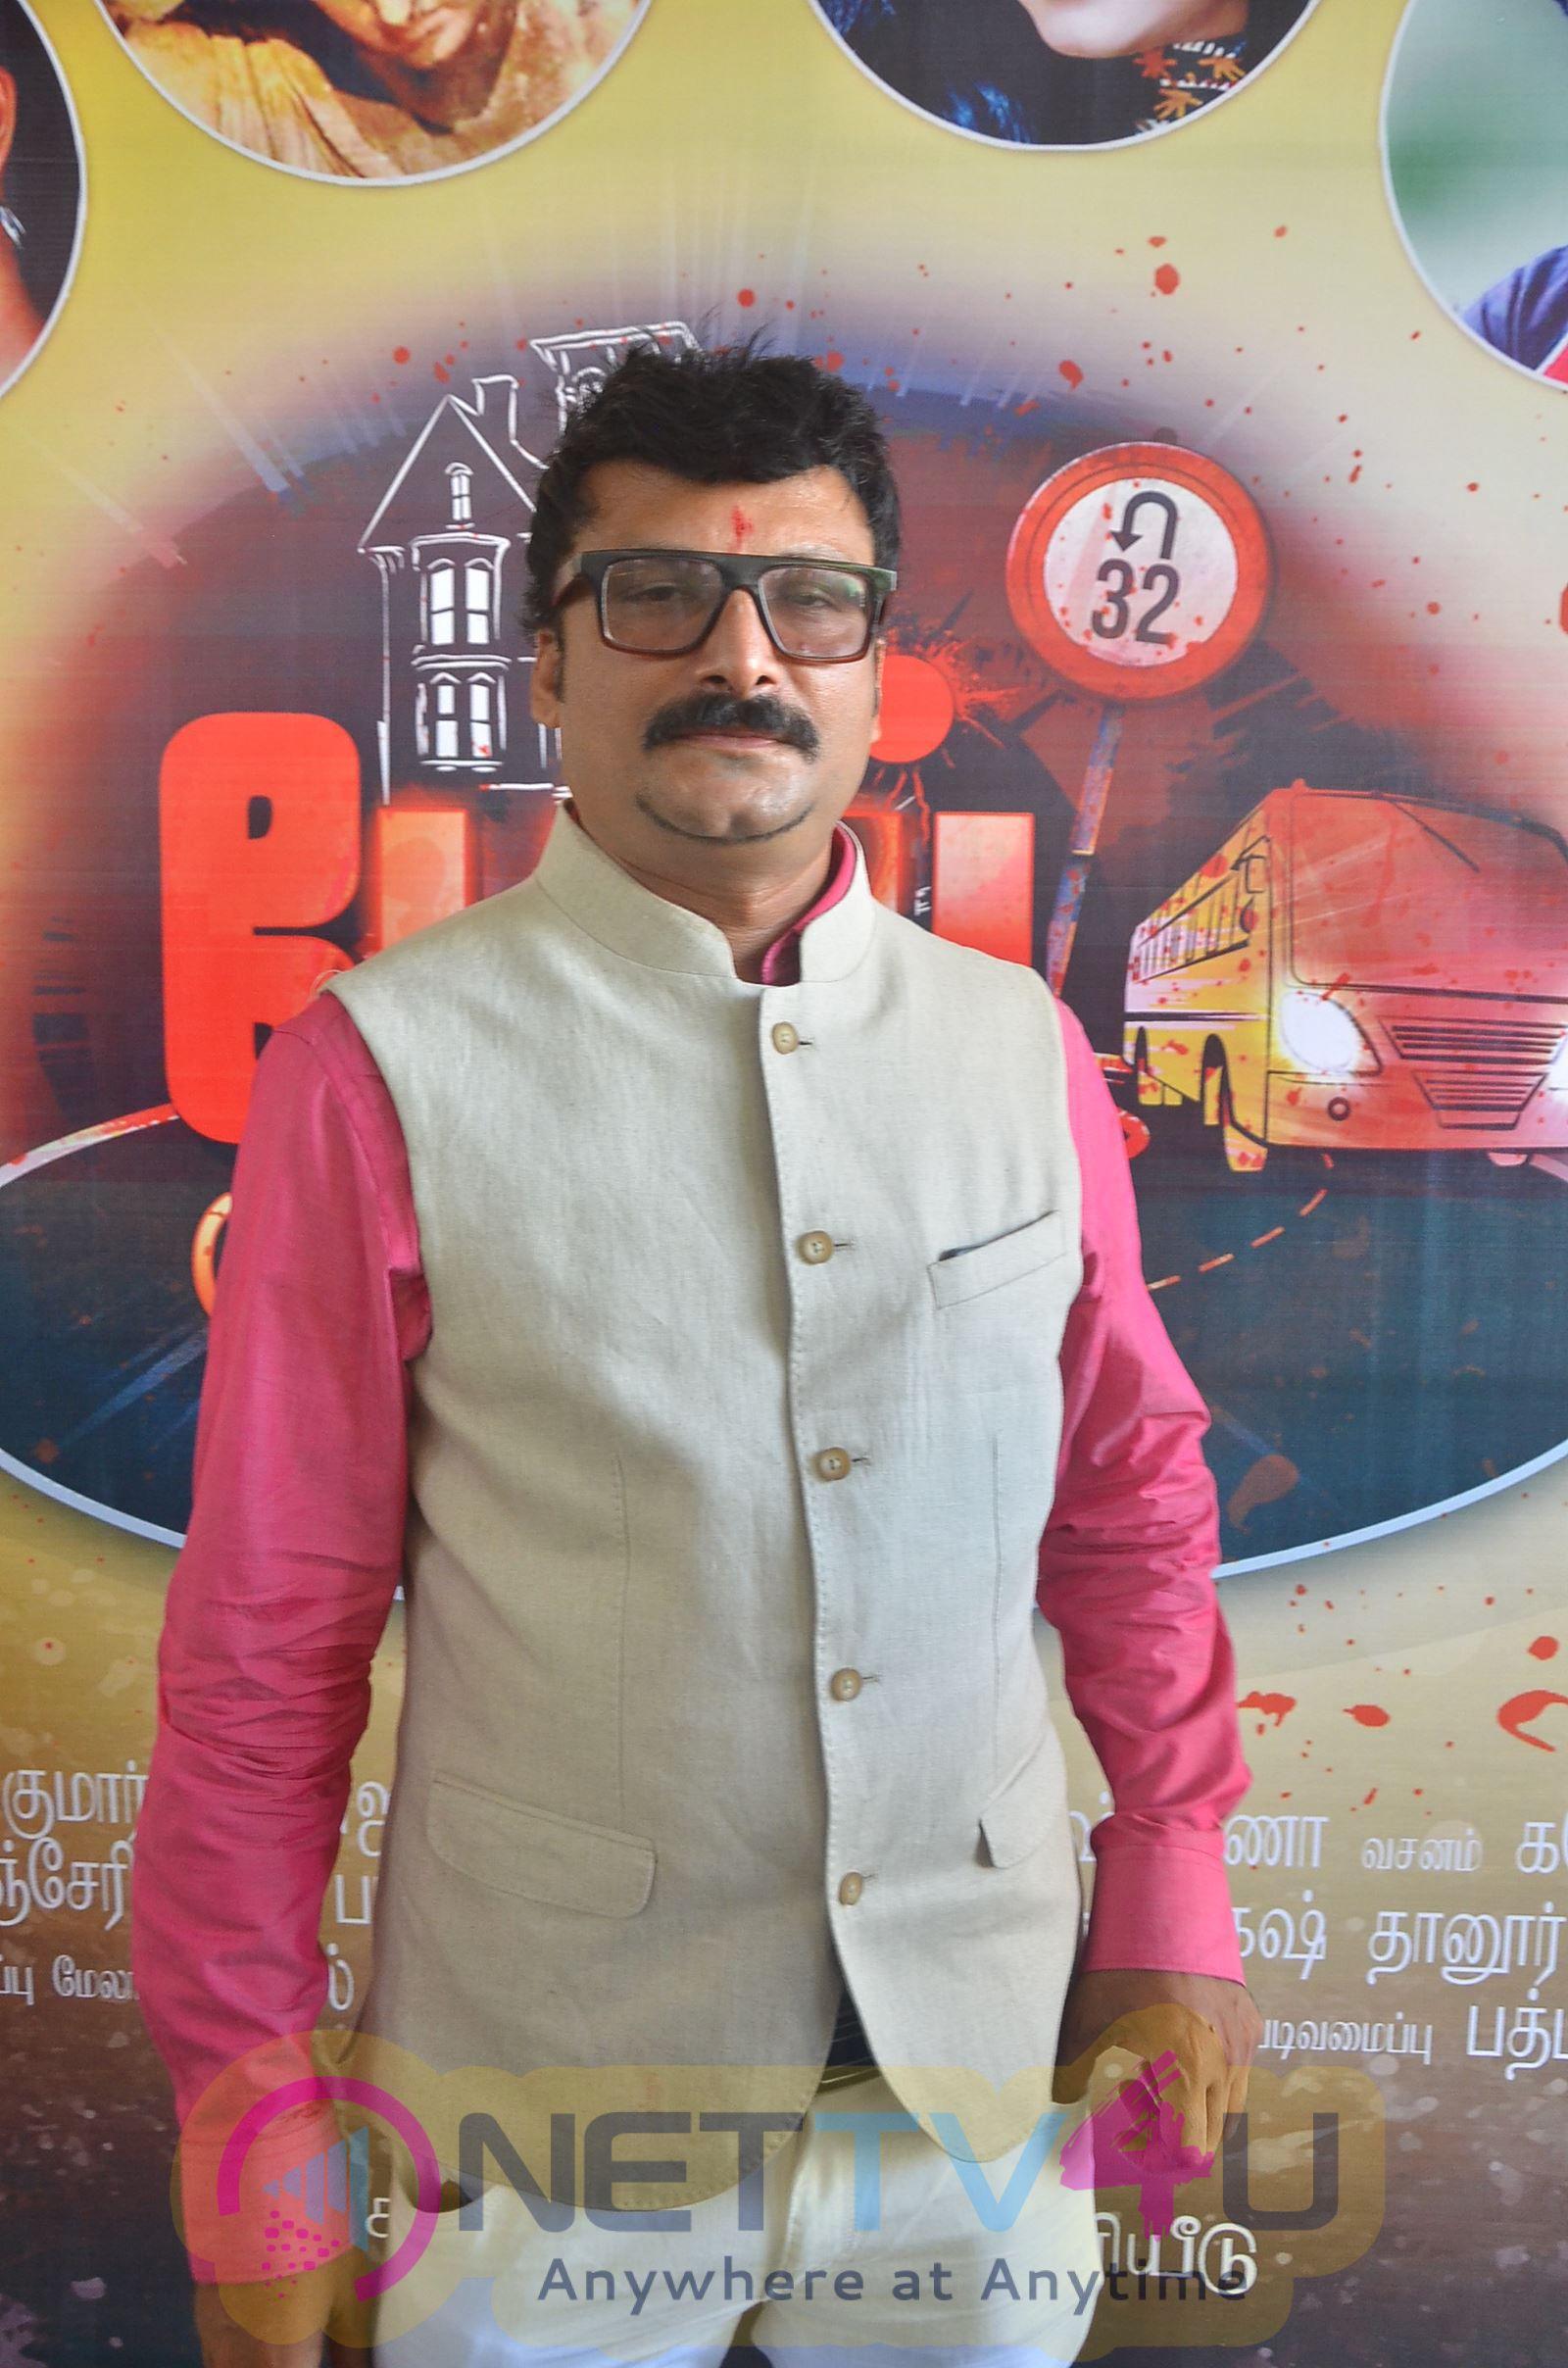 Pei Munai 32 Movie Launch Latest Photos